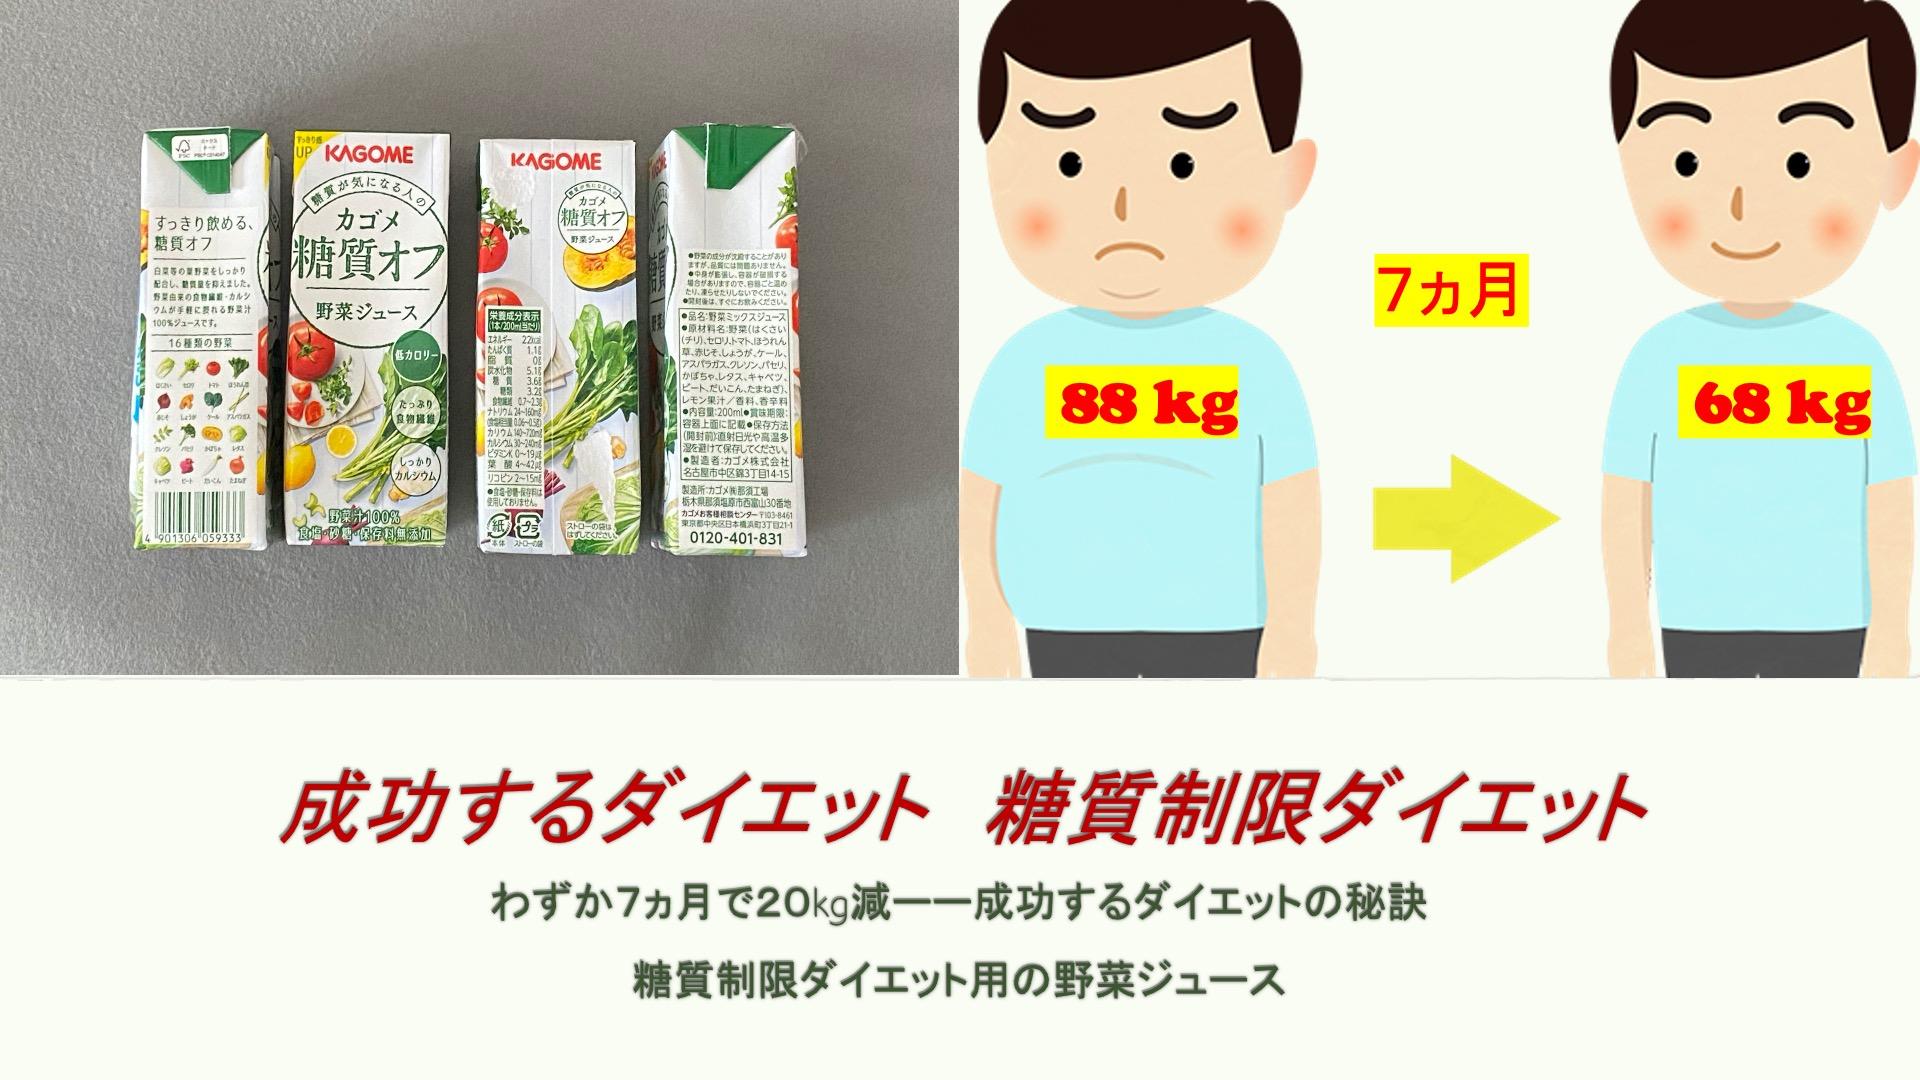 ダイエット用野菜ジュース